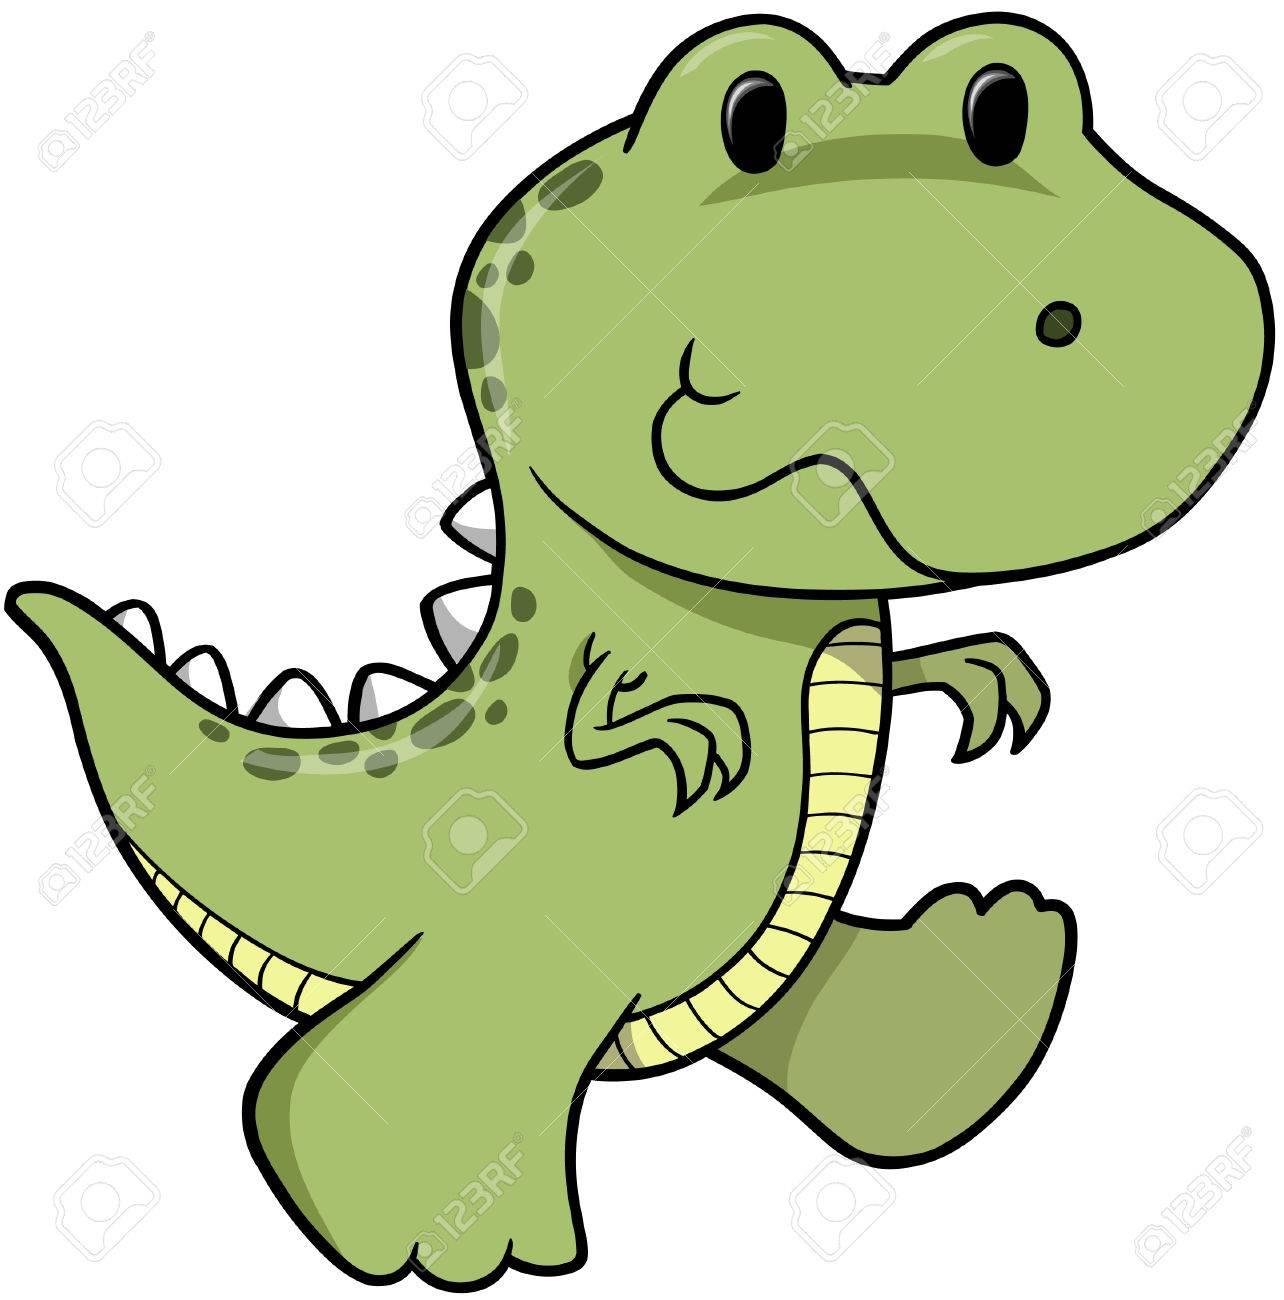 Dinosaur Vector Illustration Stock Vector - 2196108